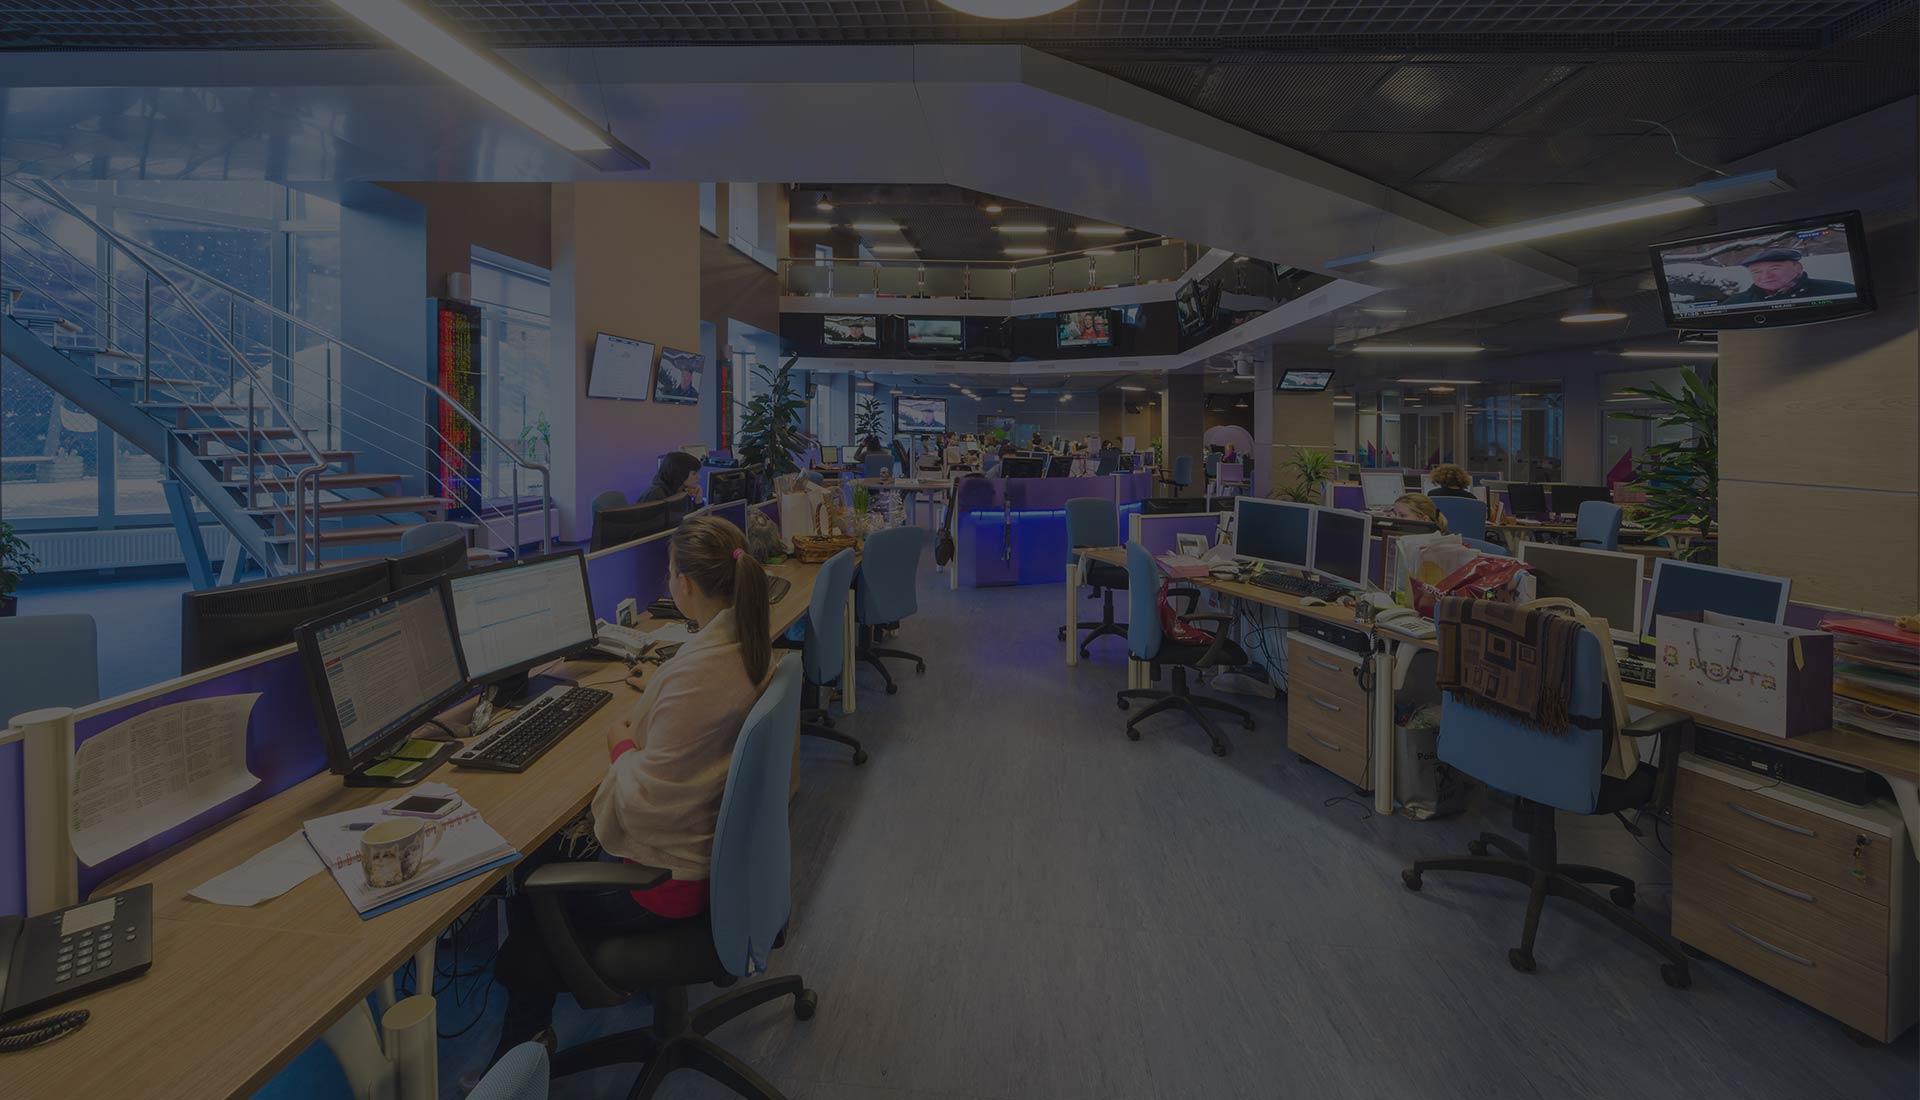 שירותי מחשוב מתקדמים לעסקים, פתרונות תקשורת, IT ו DevOps